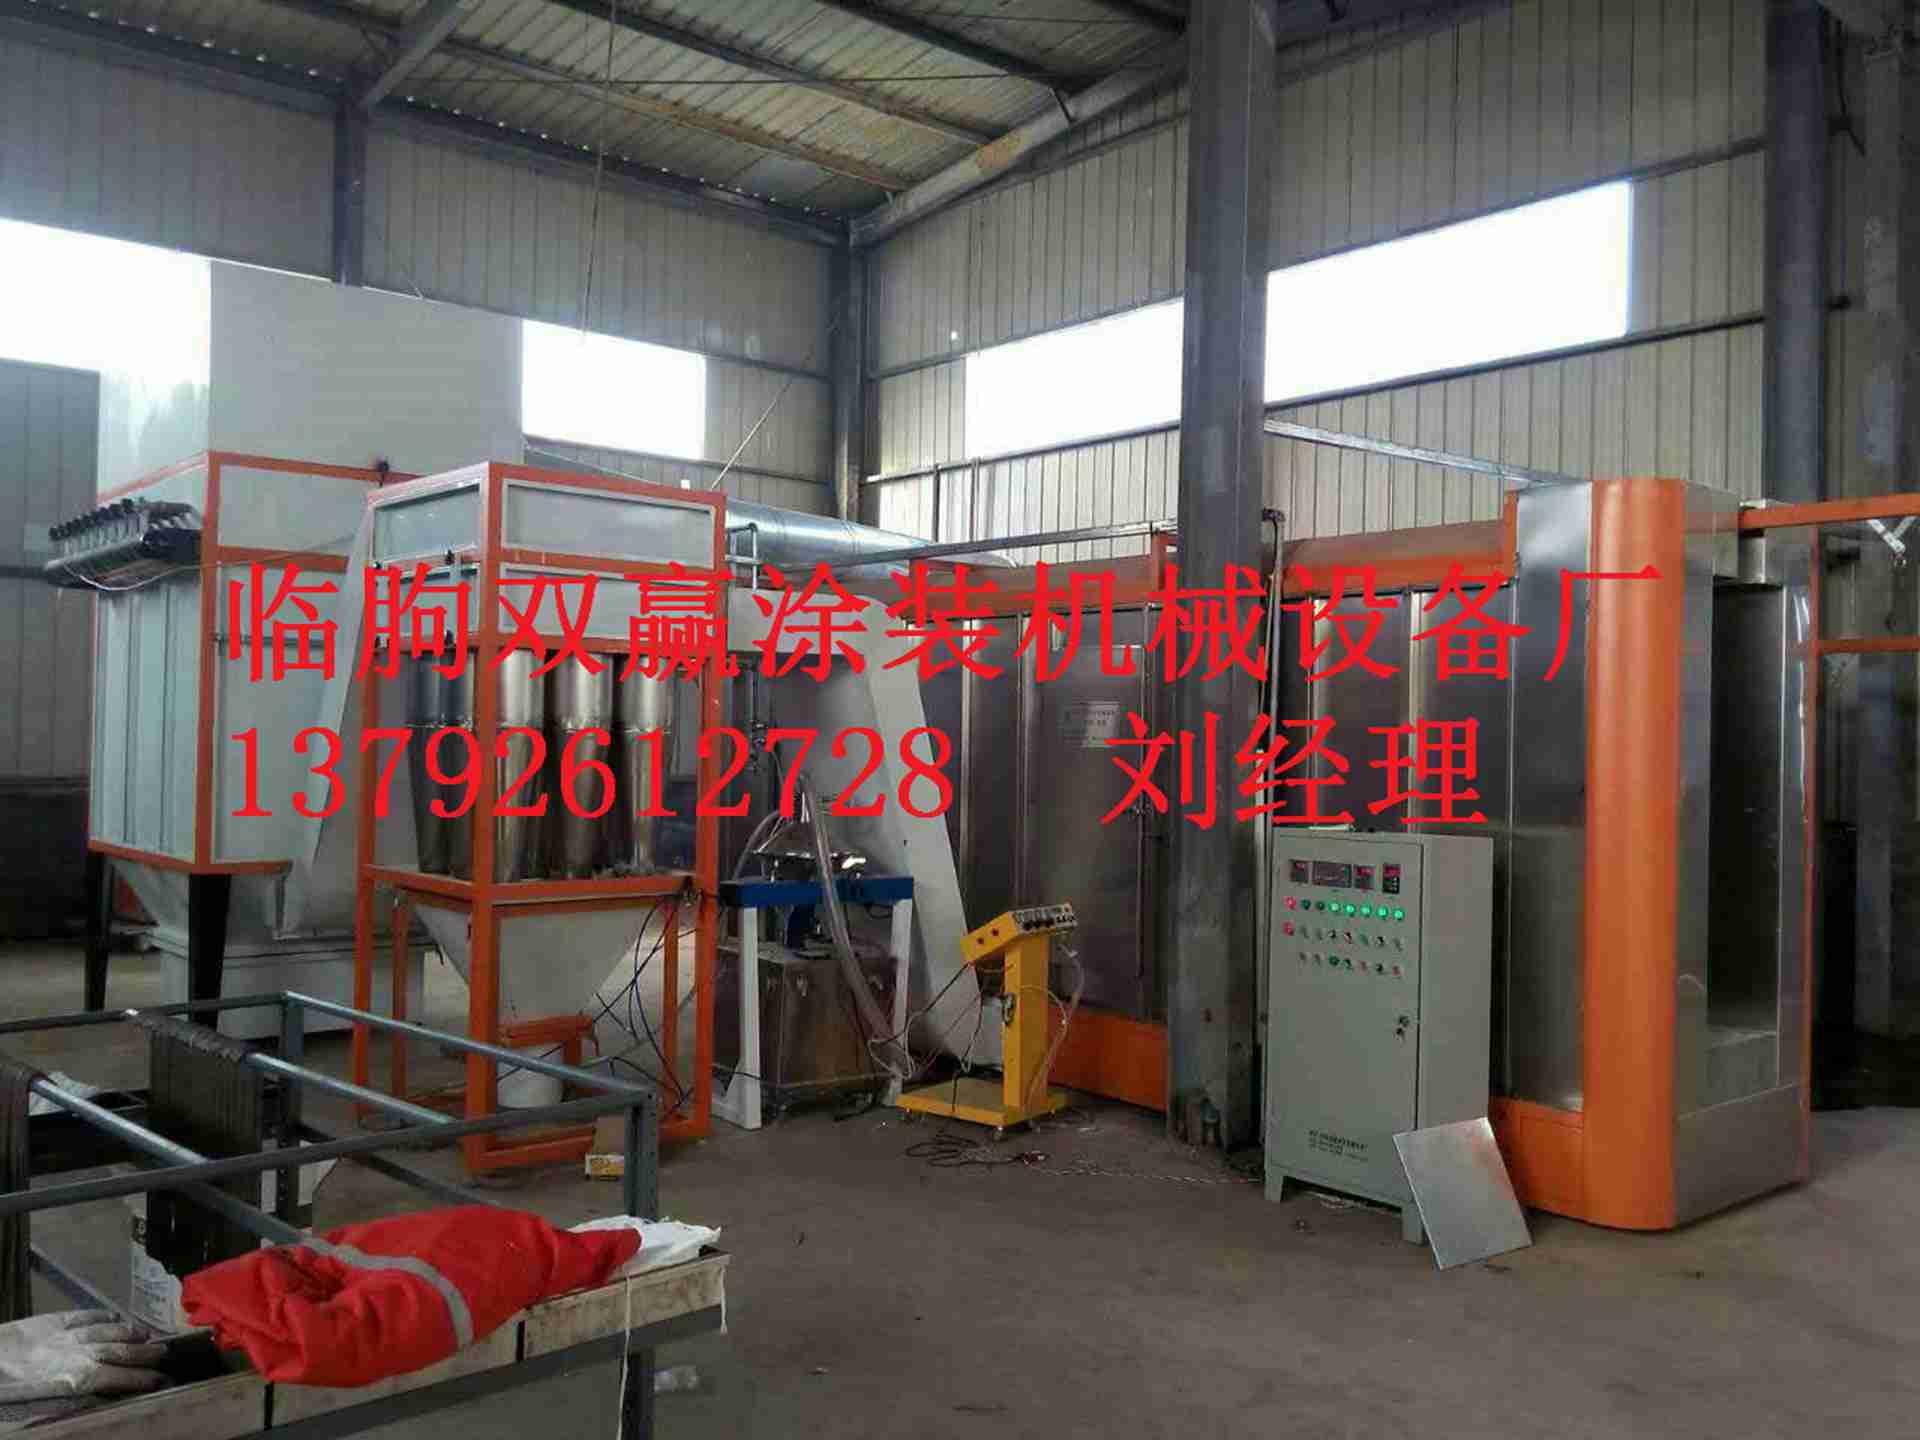 超值的噴粉生產線-價位合理的噴粉生產線供銷